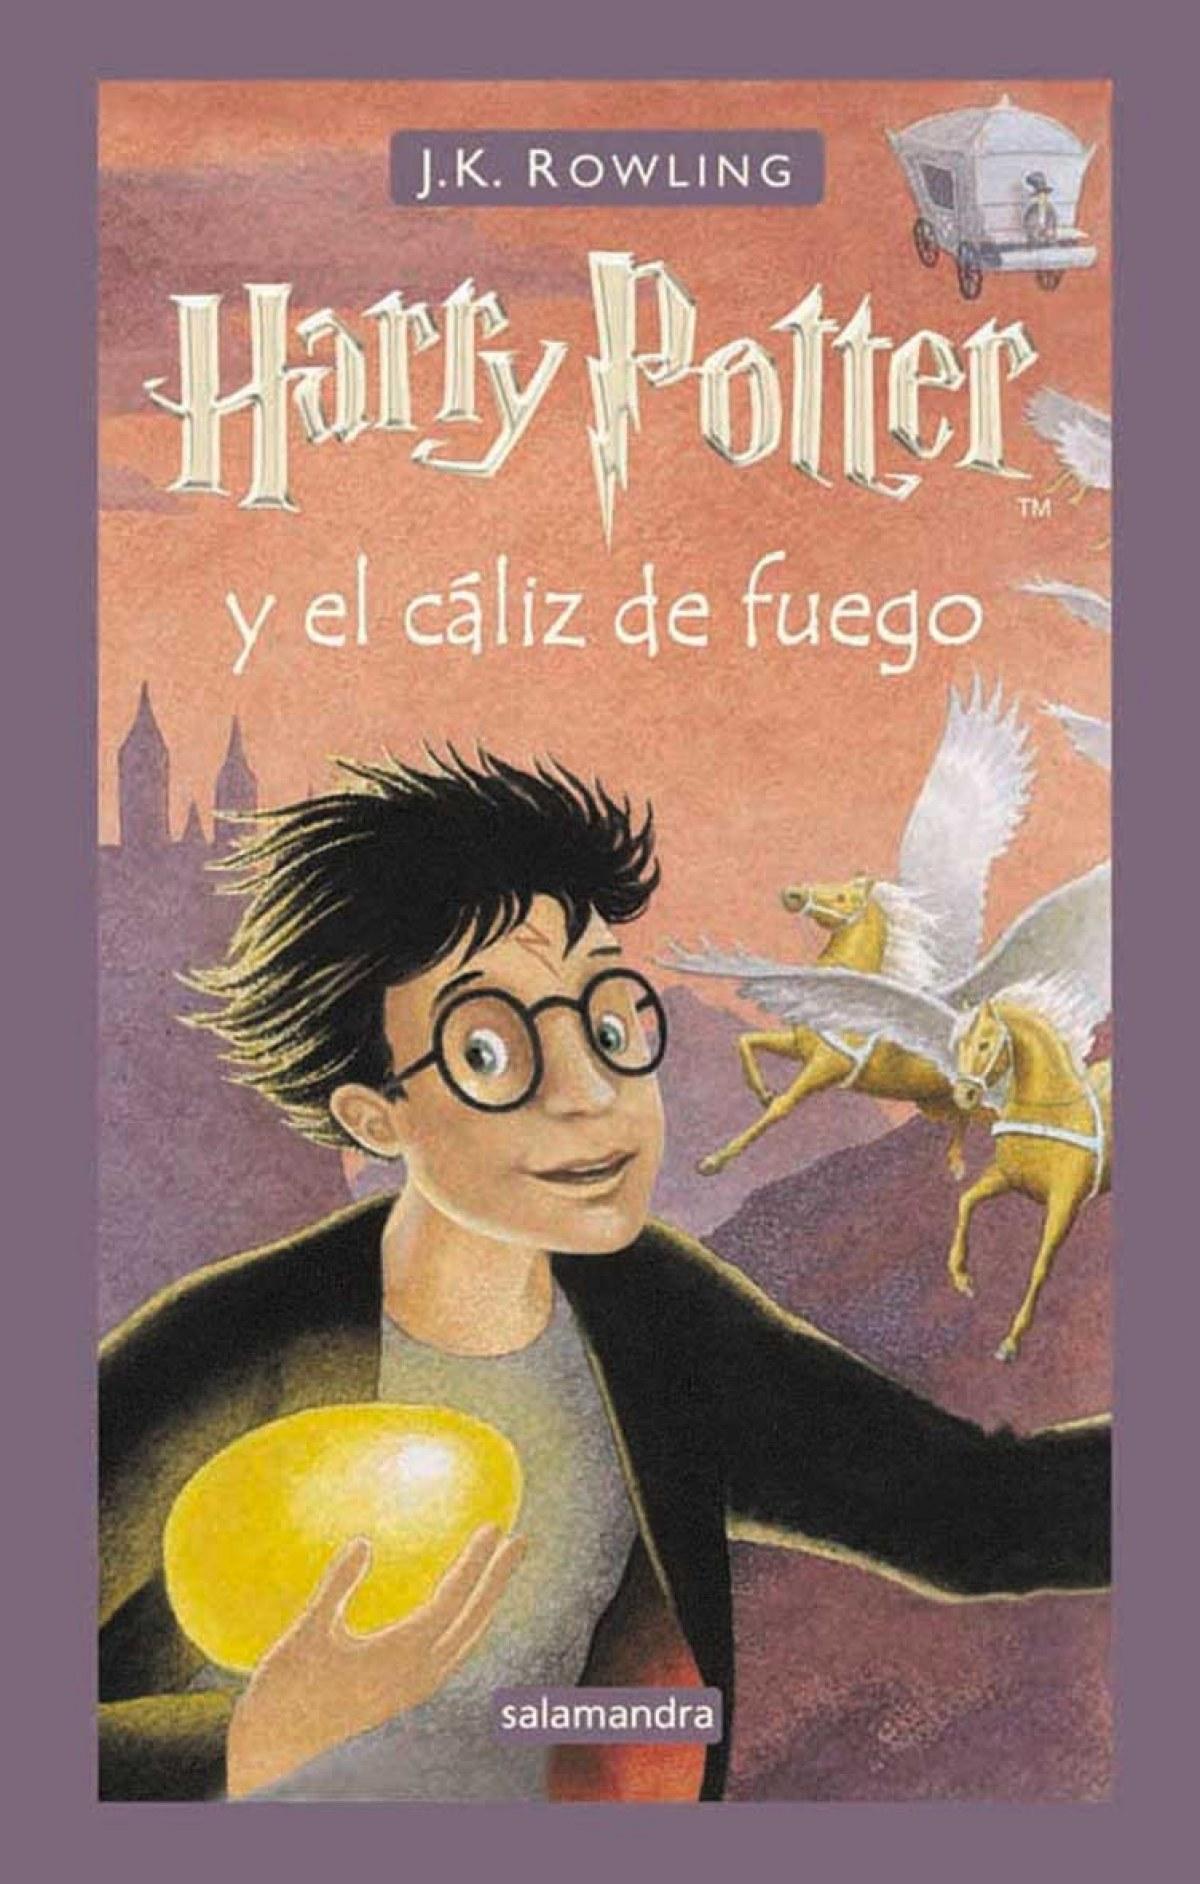 Harry potter y el caliz de fuego 9788478886456